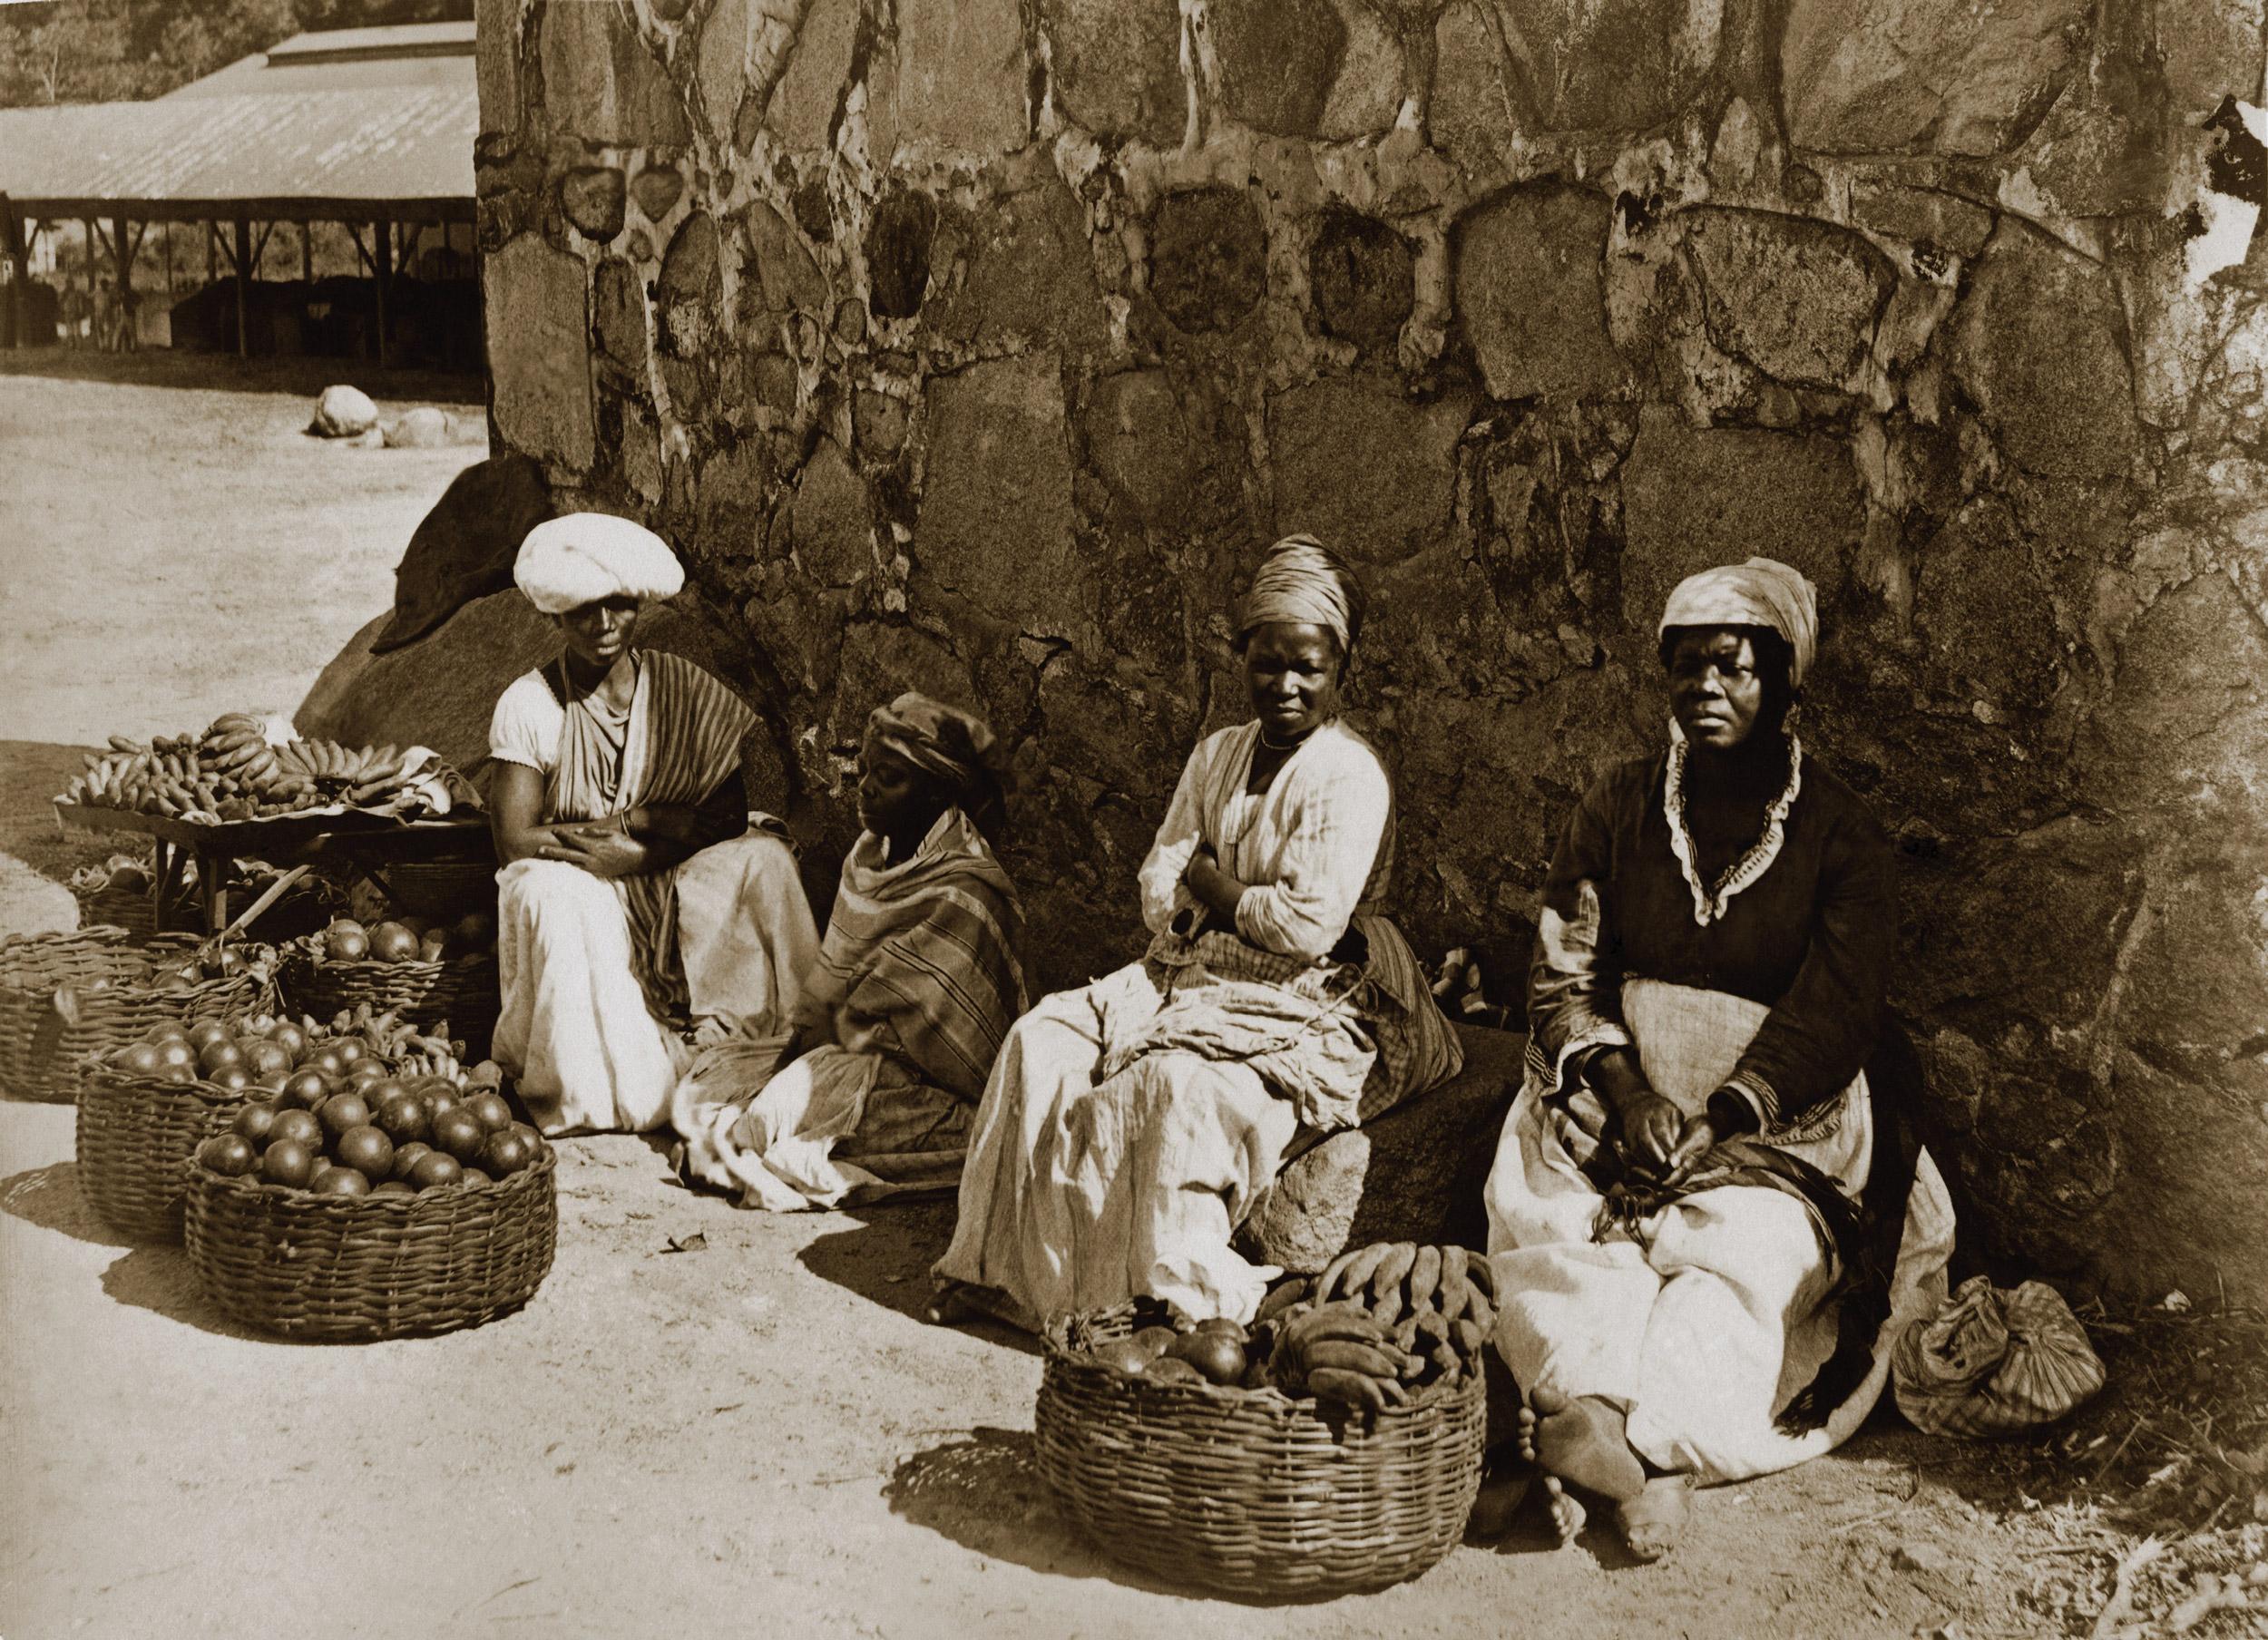 Fotografia do acervo do Instituto Moreira Salles mostra vendedoras de rua no Rio na década de 1870.